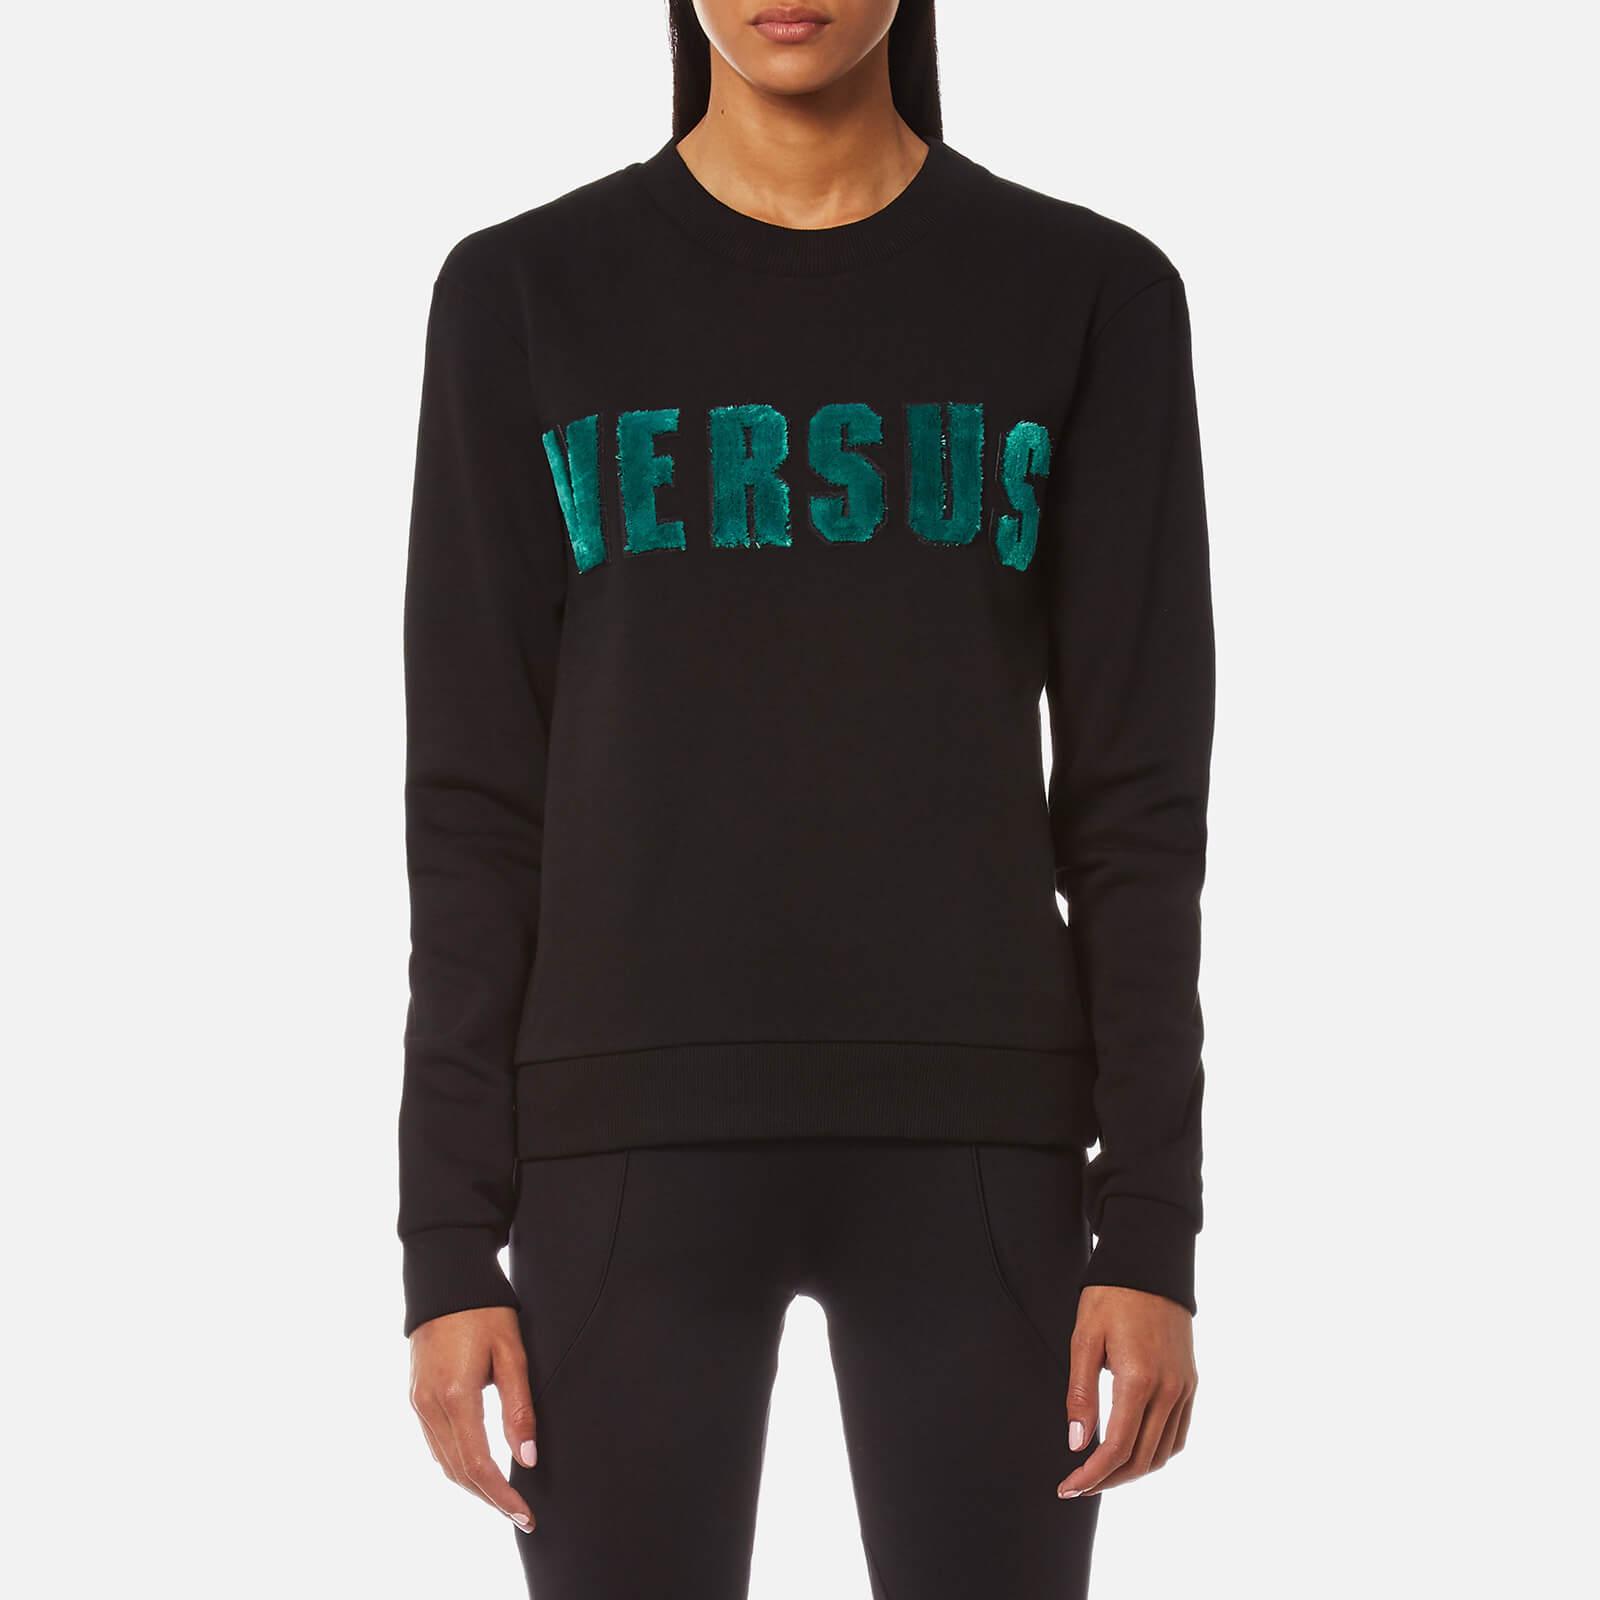 99780559 Versus Versace Women's Versus Textured Logo Sweatshirt - Black